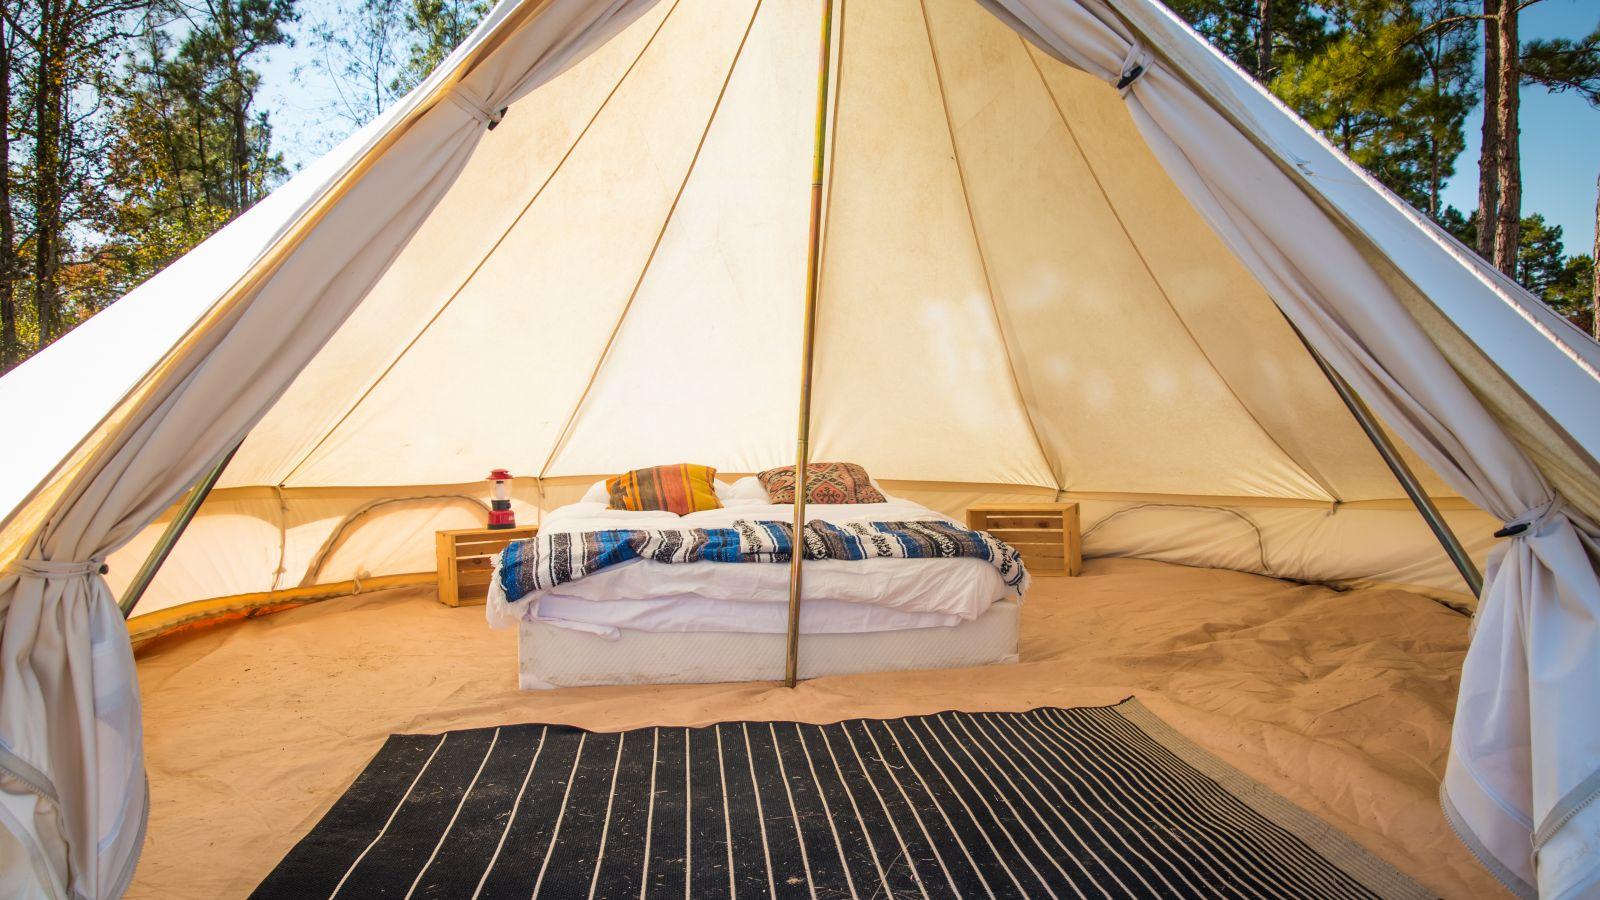 a close up of a tent